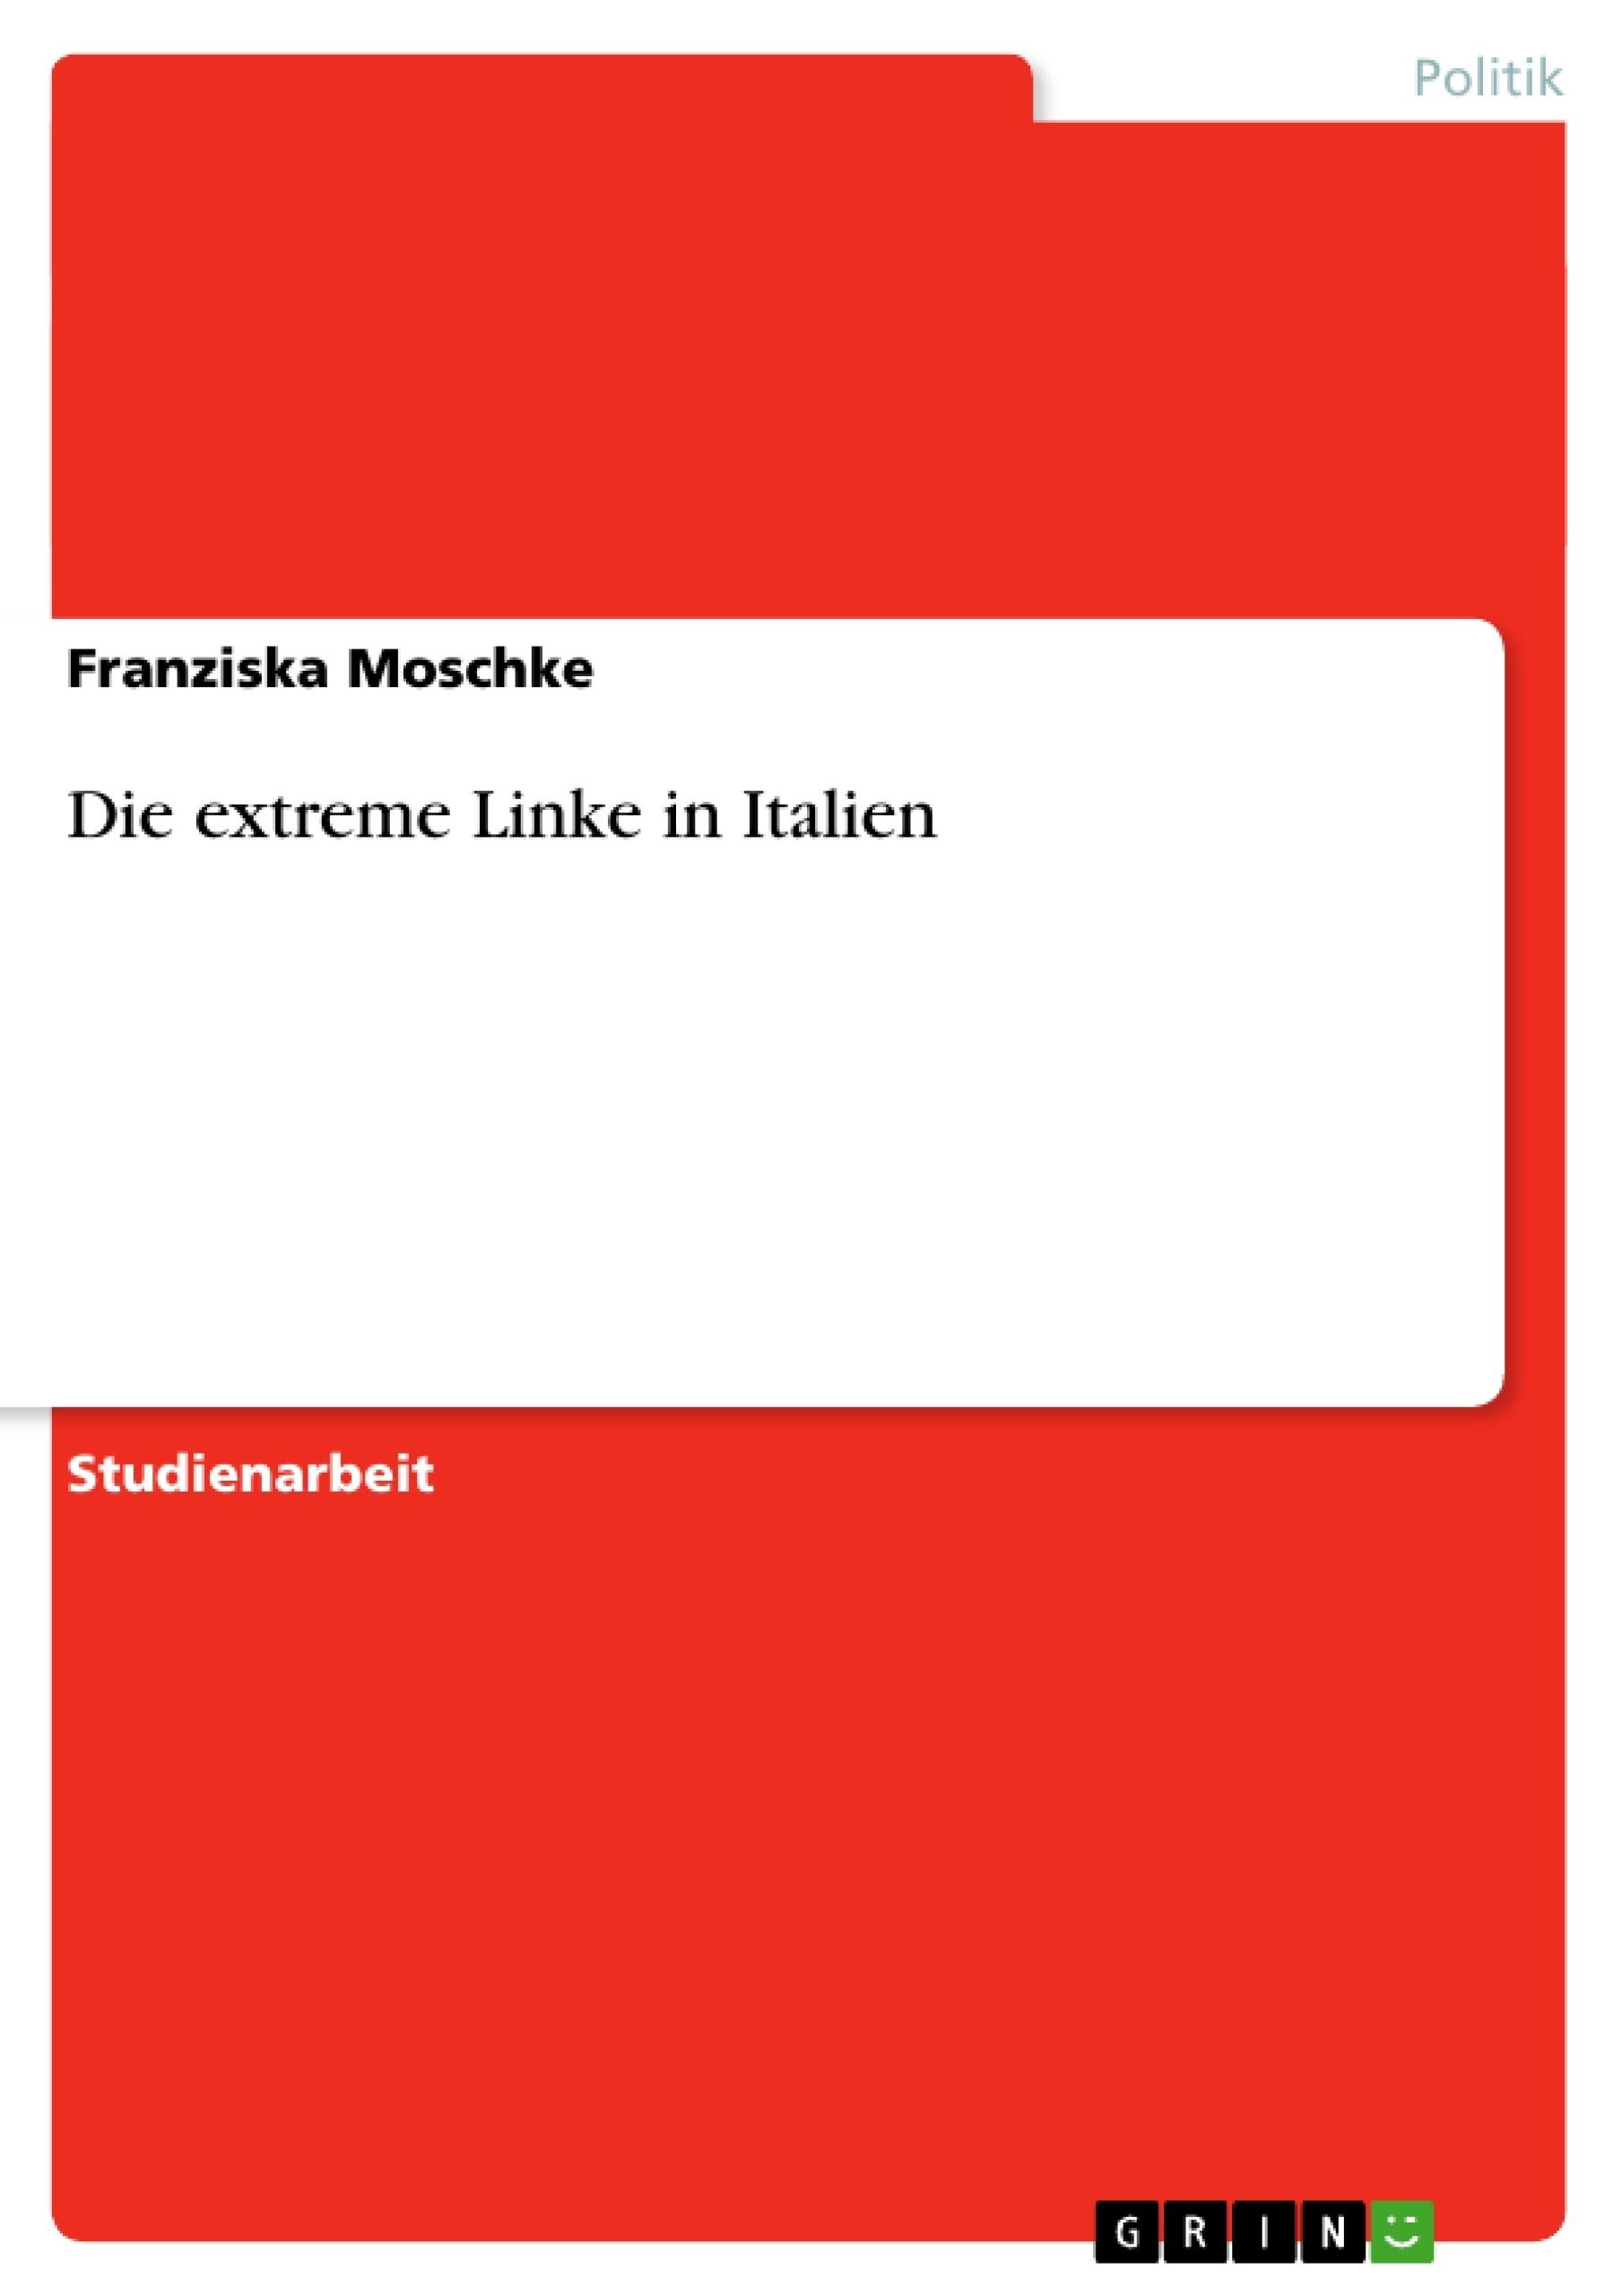 Titel: Die extreme Linke in Italien